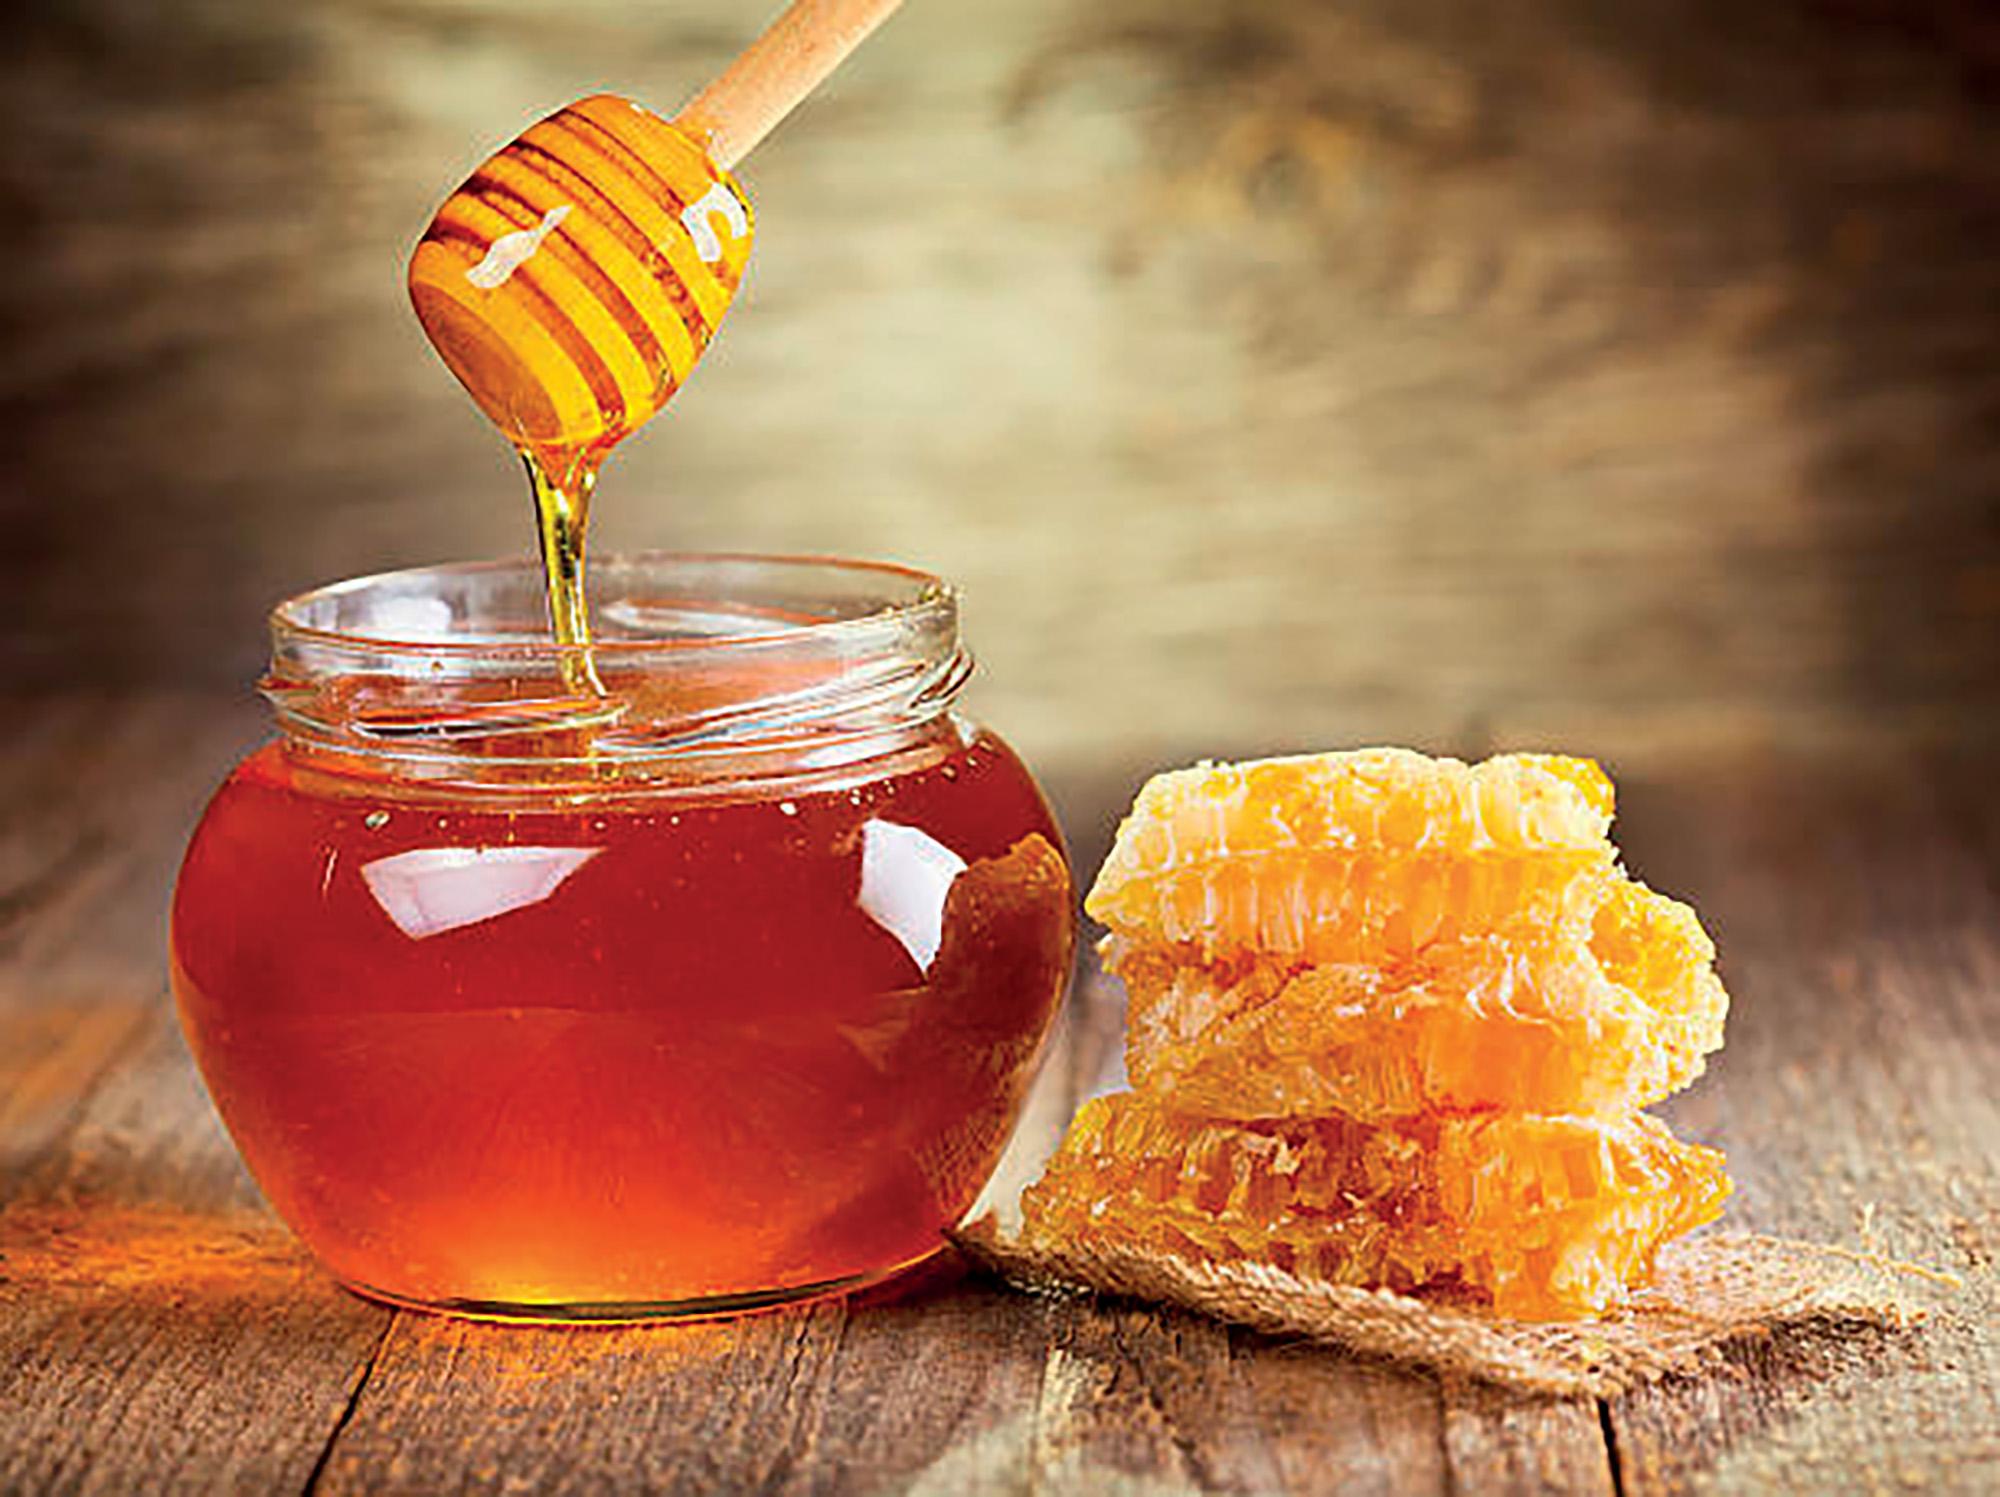 công thức làm đẹp làm sạch da với mật ong